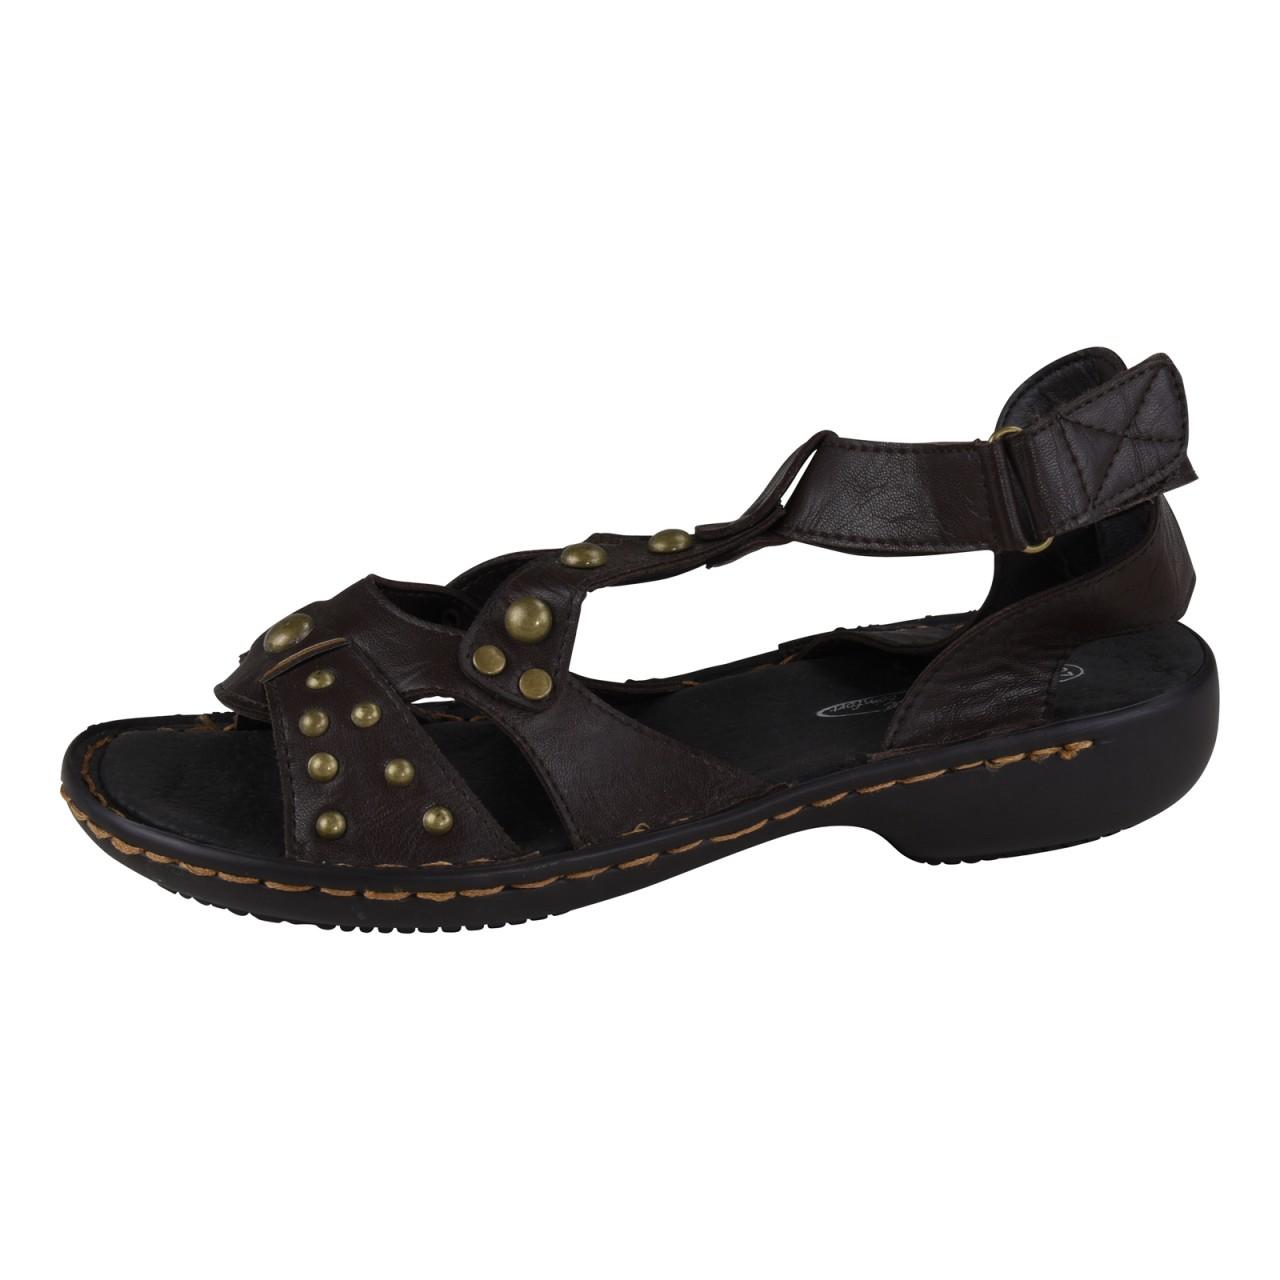 lisanne comfort damen sandale braun. Black Bedroom Furniture Sets. Home Design Ideas